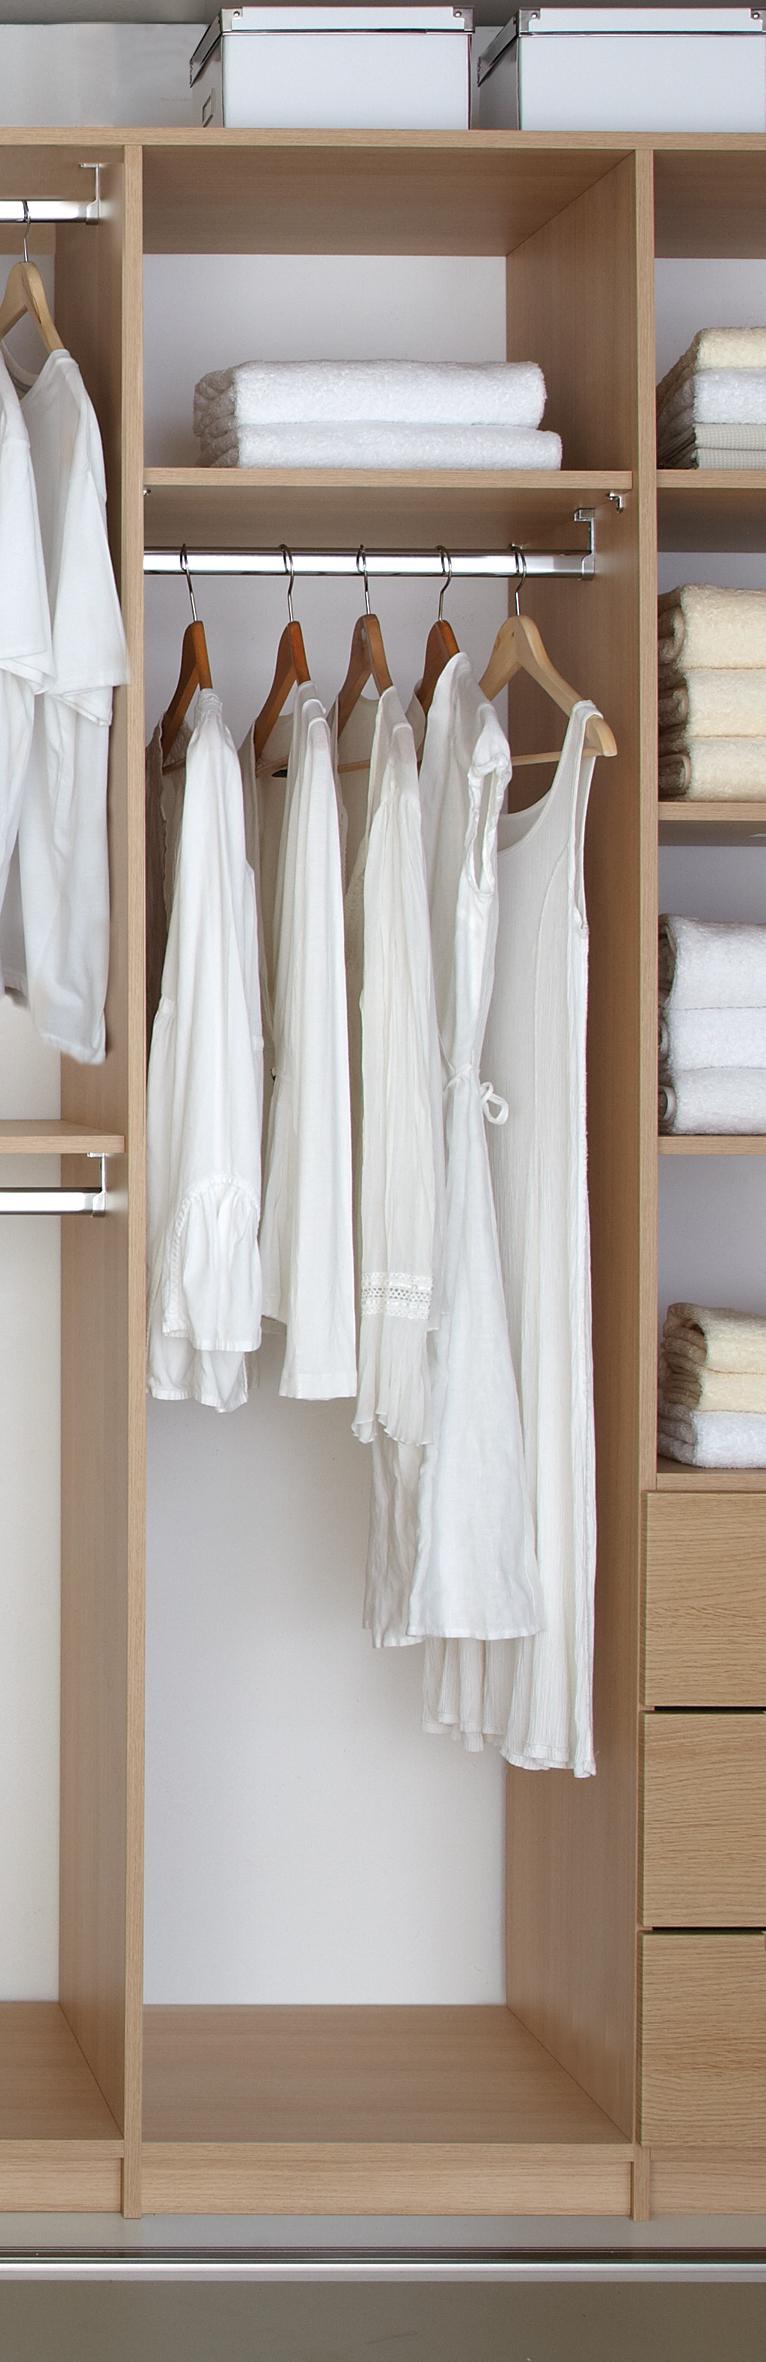 Single hanging robe